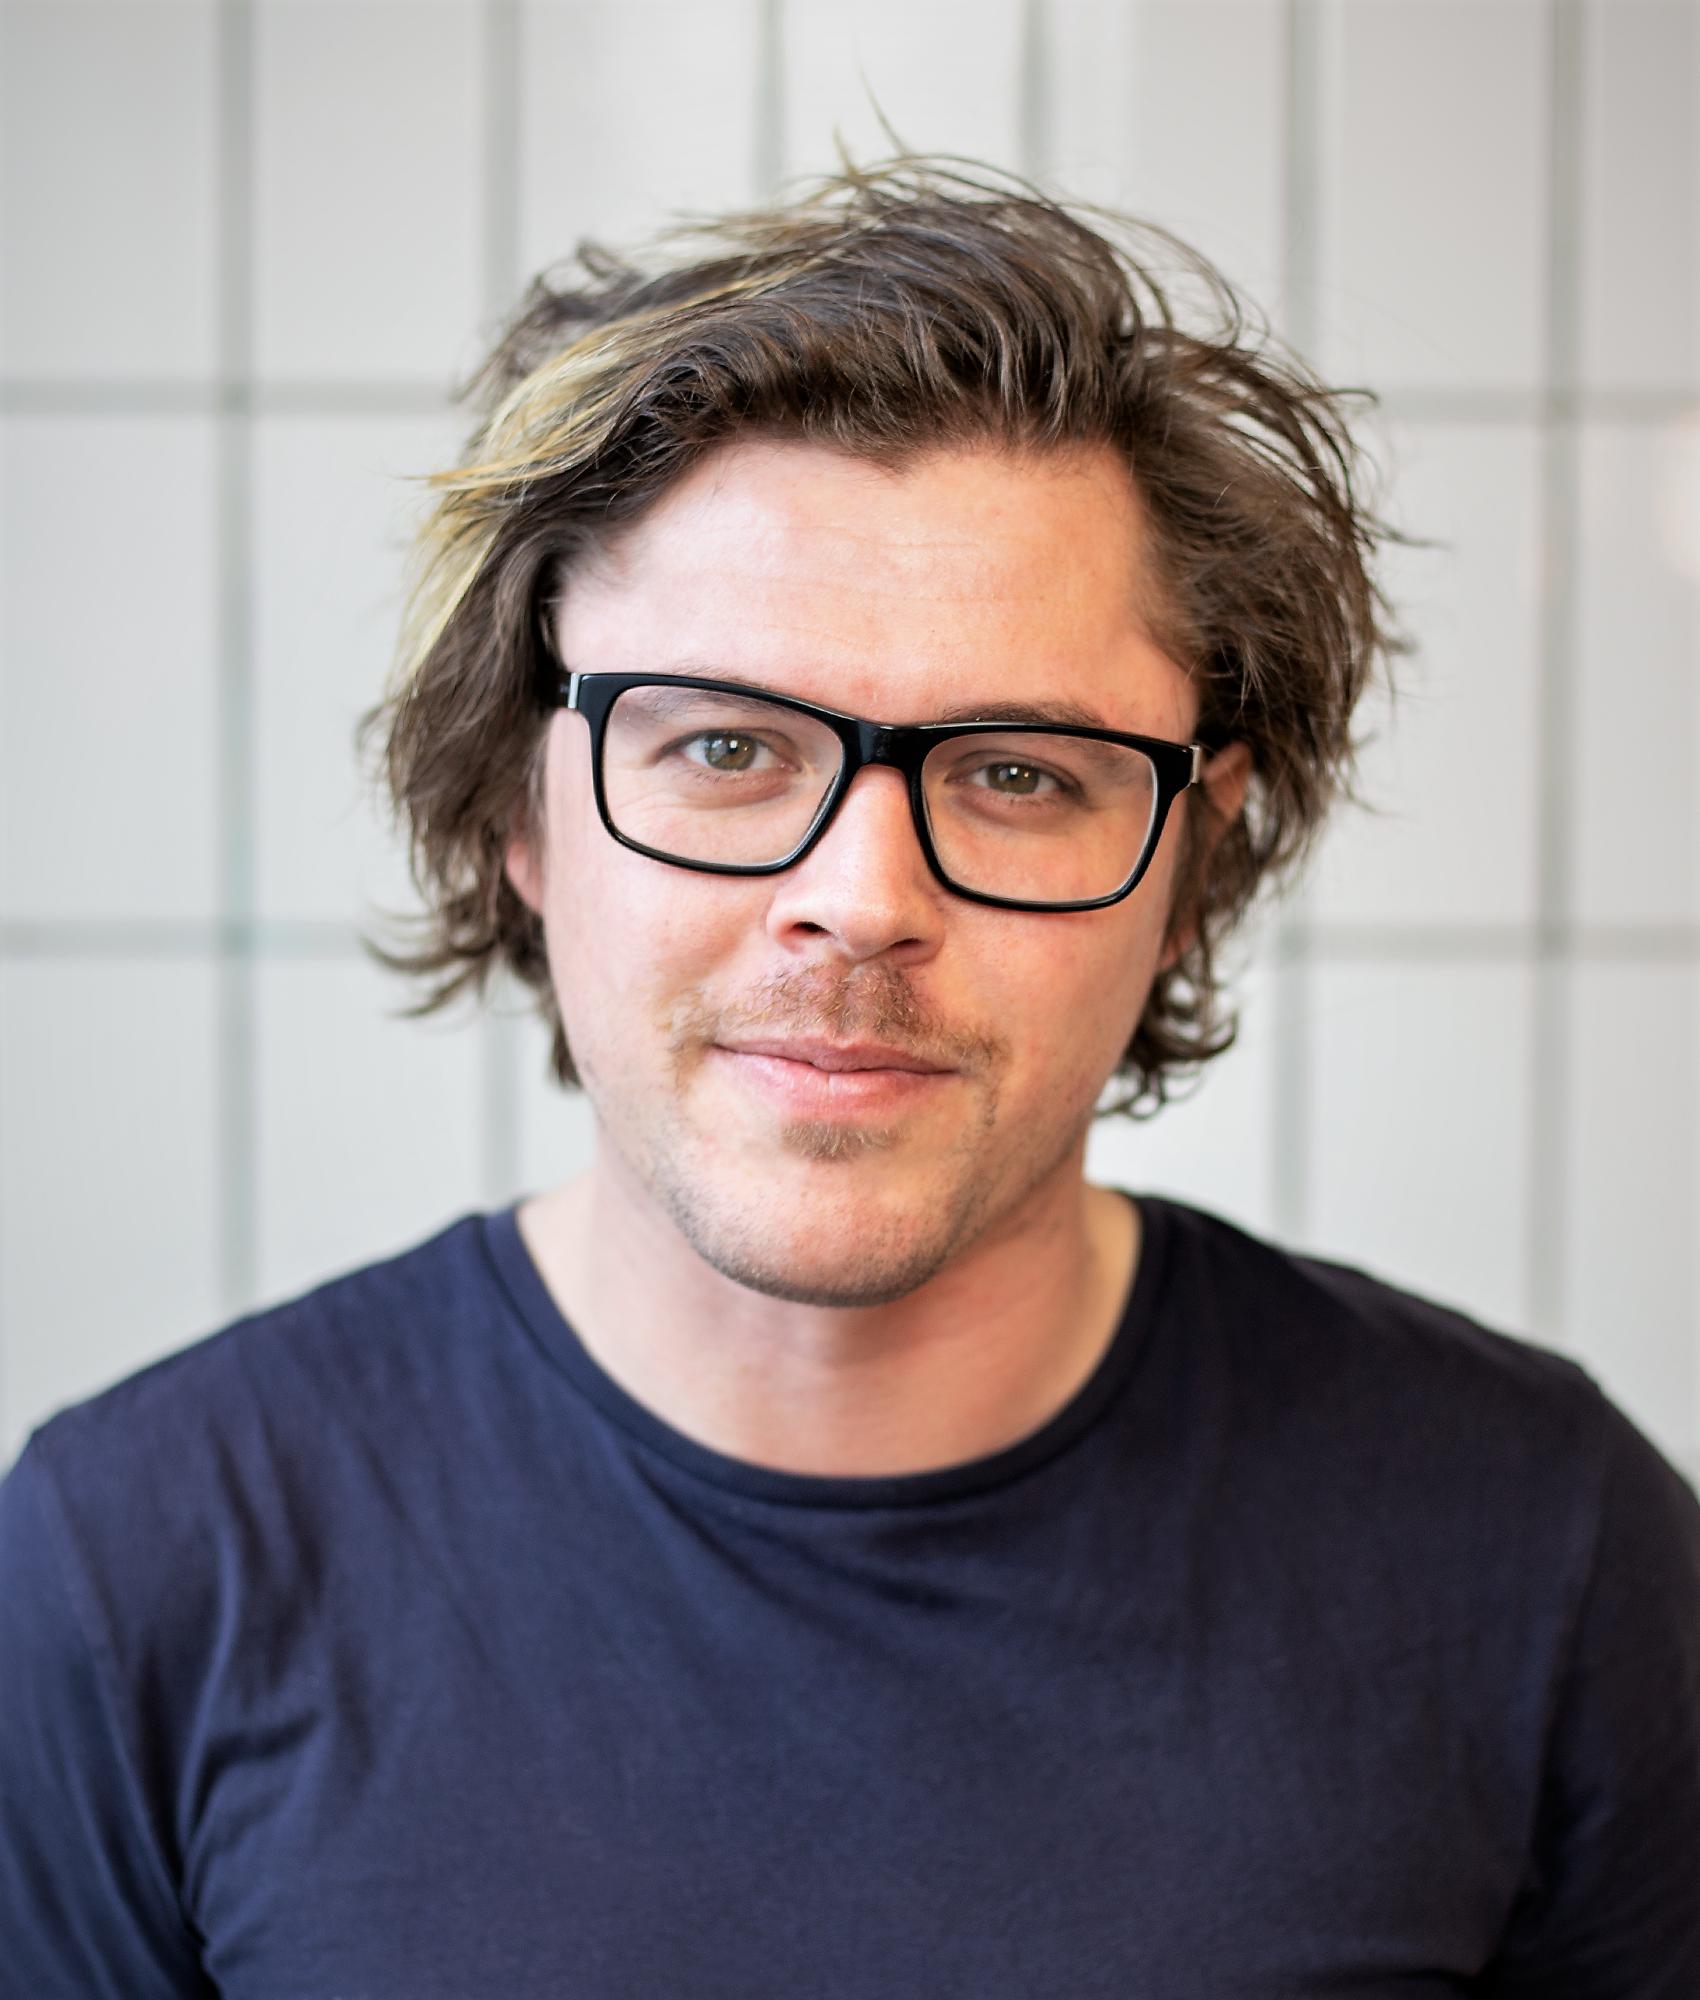 Anders Bjørn Rørbæk Pedersen